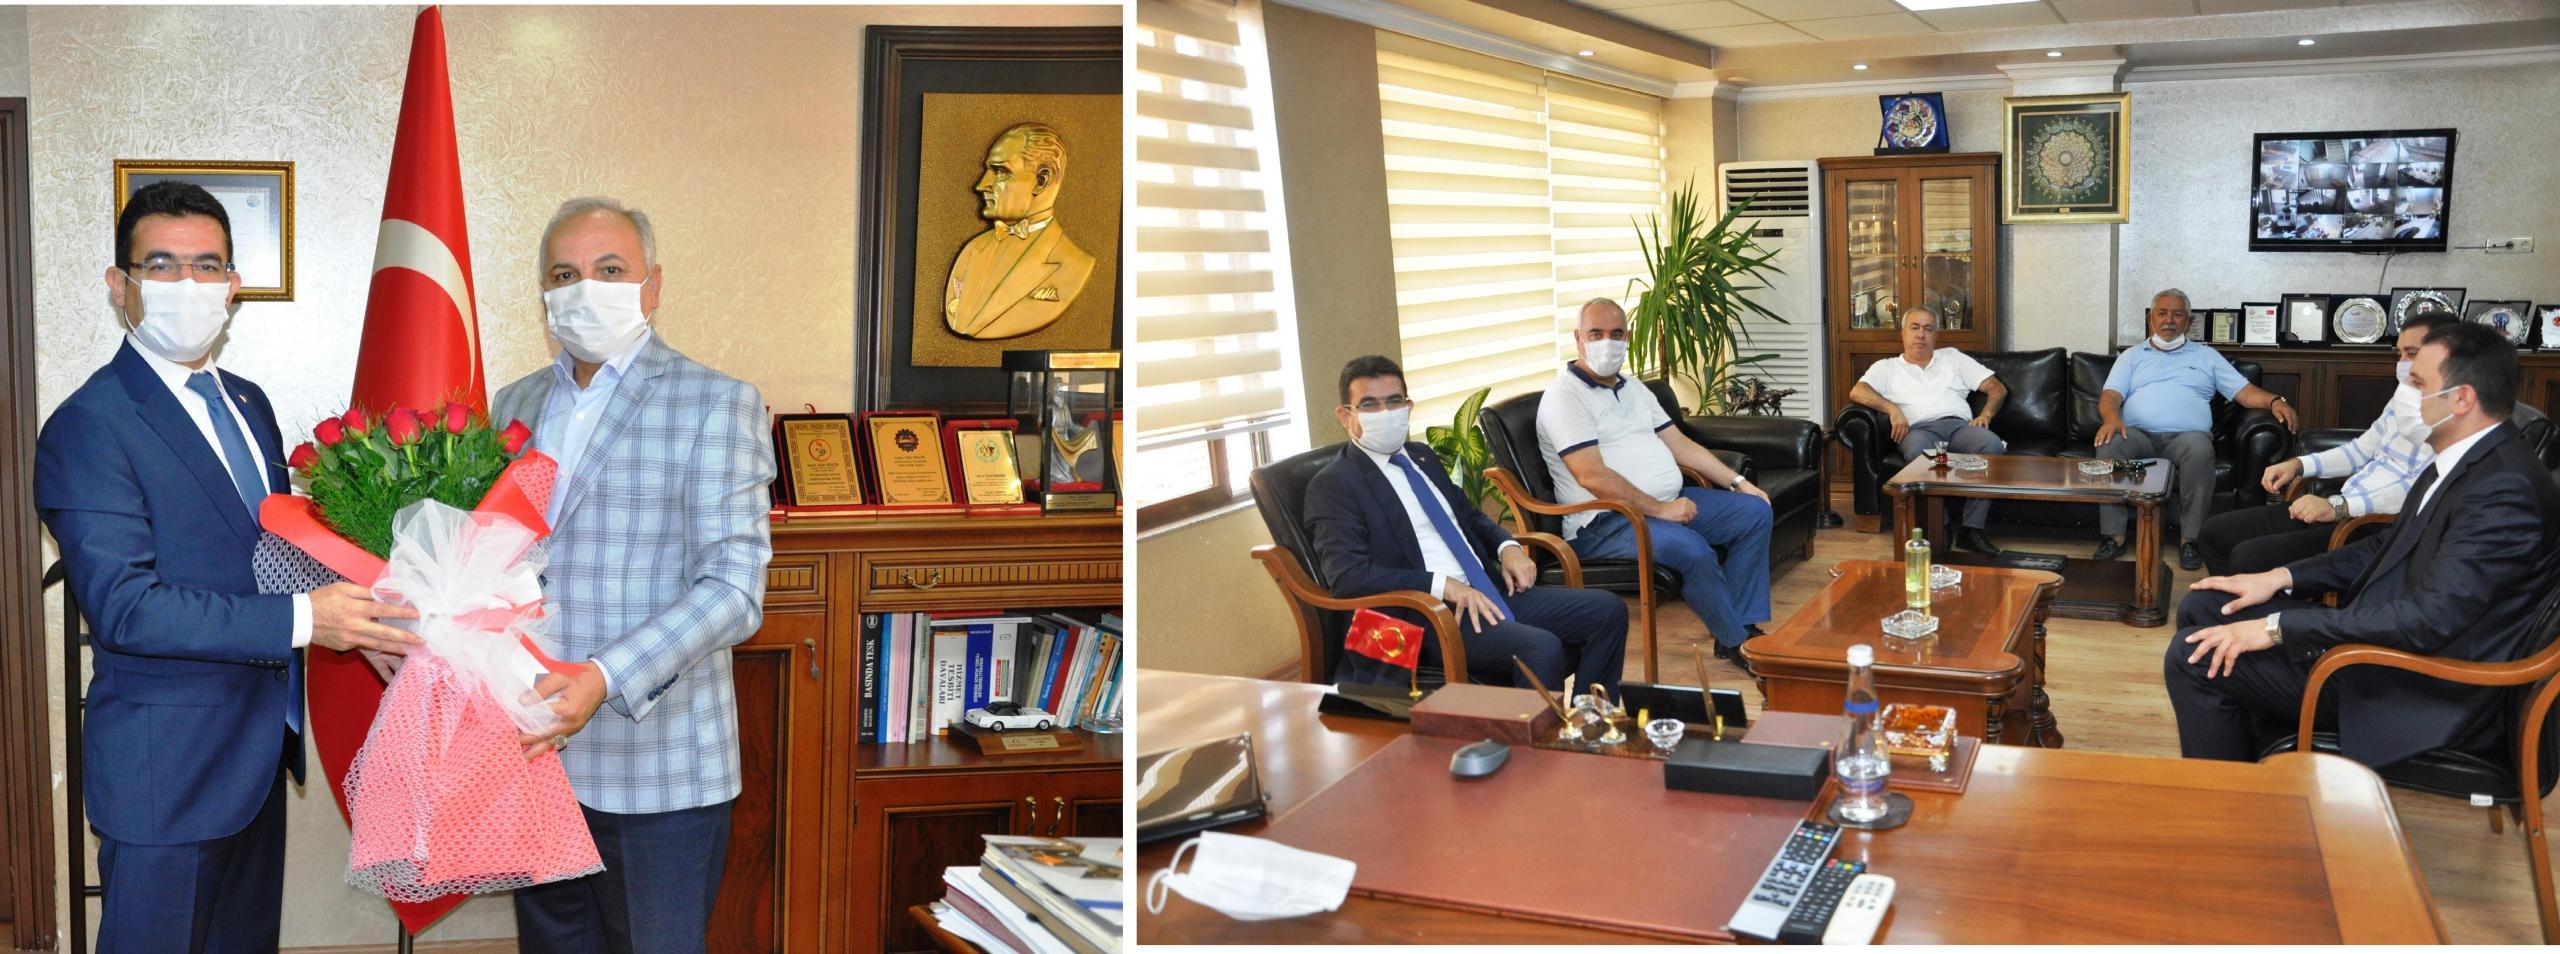 Vergi Dairesi Başkanı Güngör'den Başkanı Dinçer'e veda ziyareti